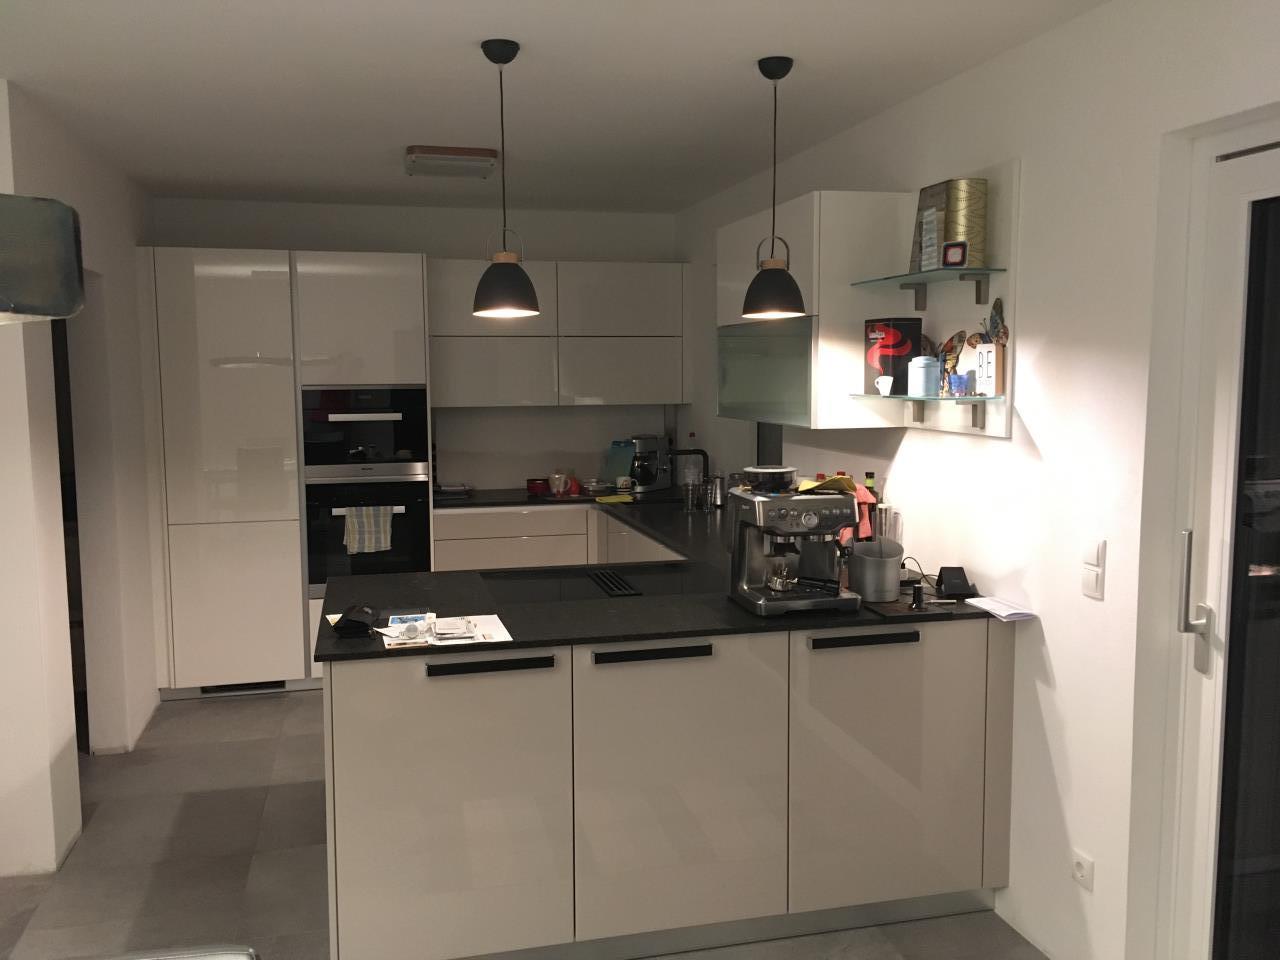 Full Size of Möbelix Küchen Kche Montagepreis Bauforum Auf Energiesparhausat Regal Wohnzimmer Möbelix Küchen